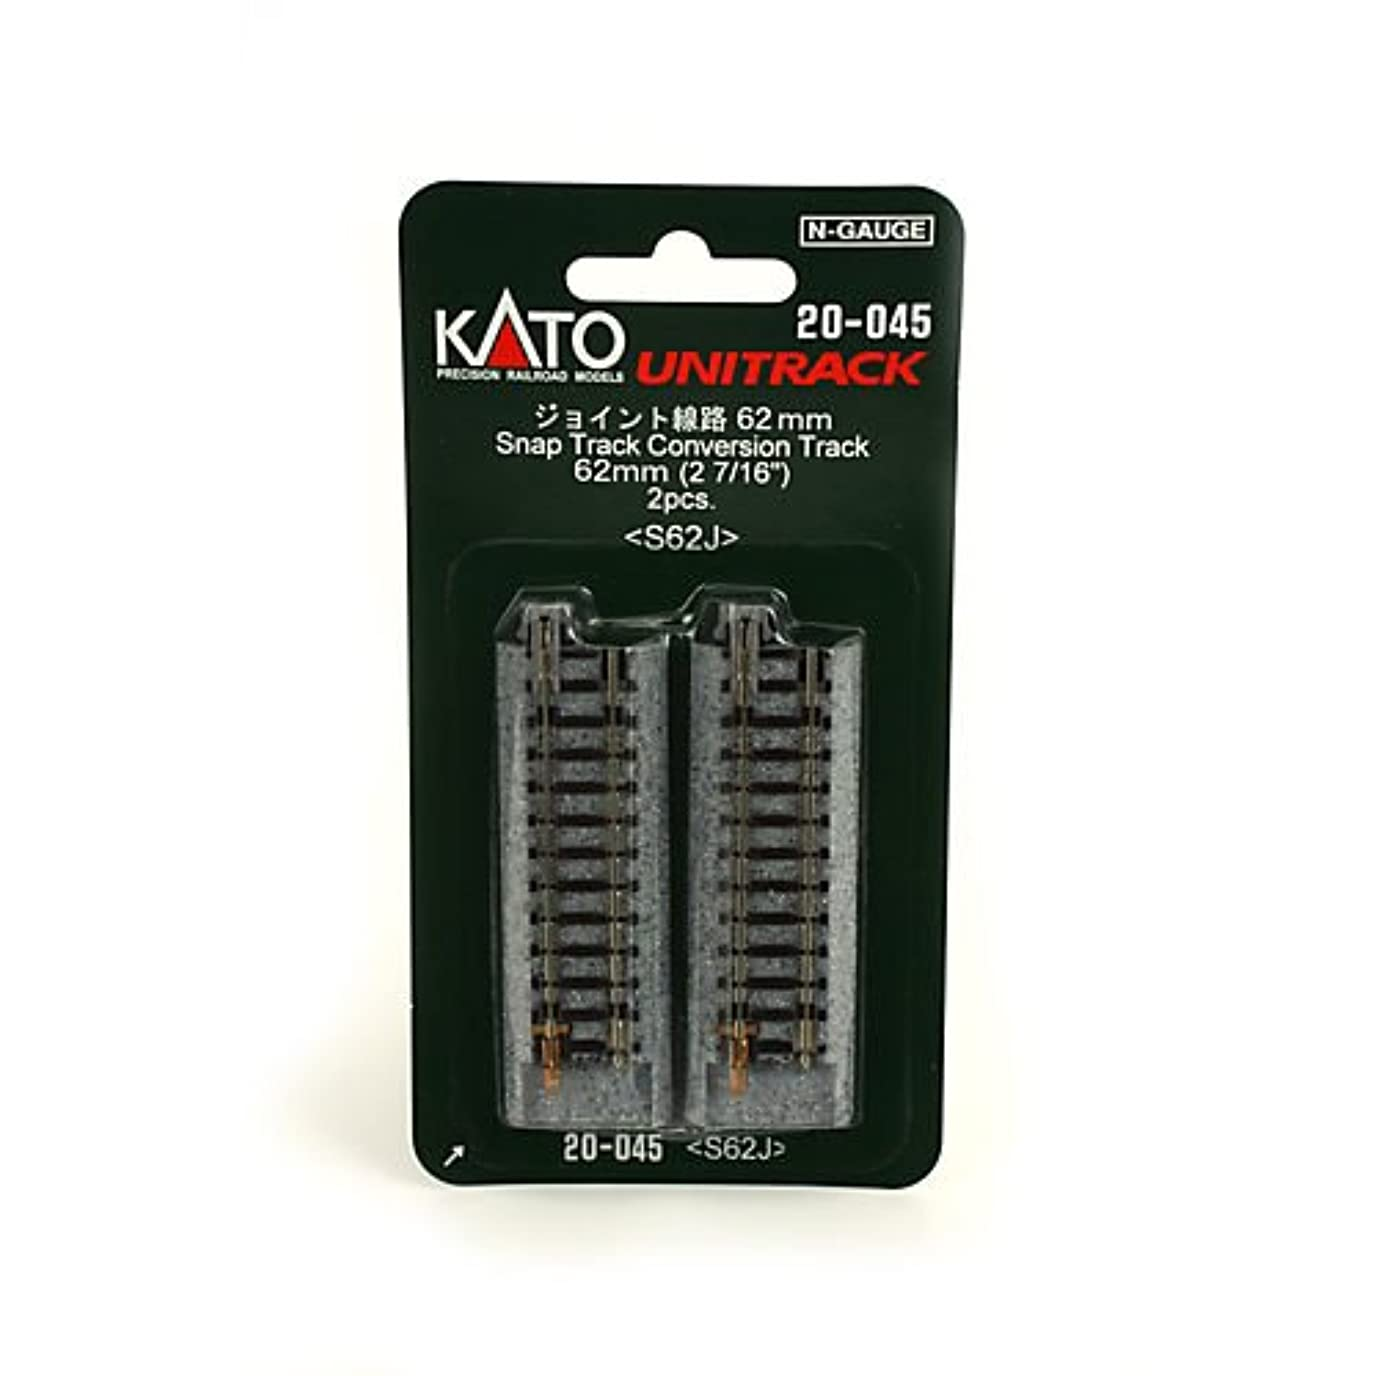 翻訳者緑シティKATO Nゲージ V17 複線スラブ軌道線路セット 20-877 鉄道模型 レールセット